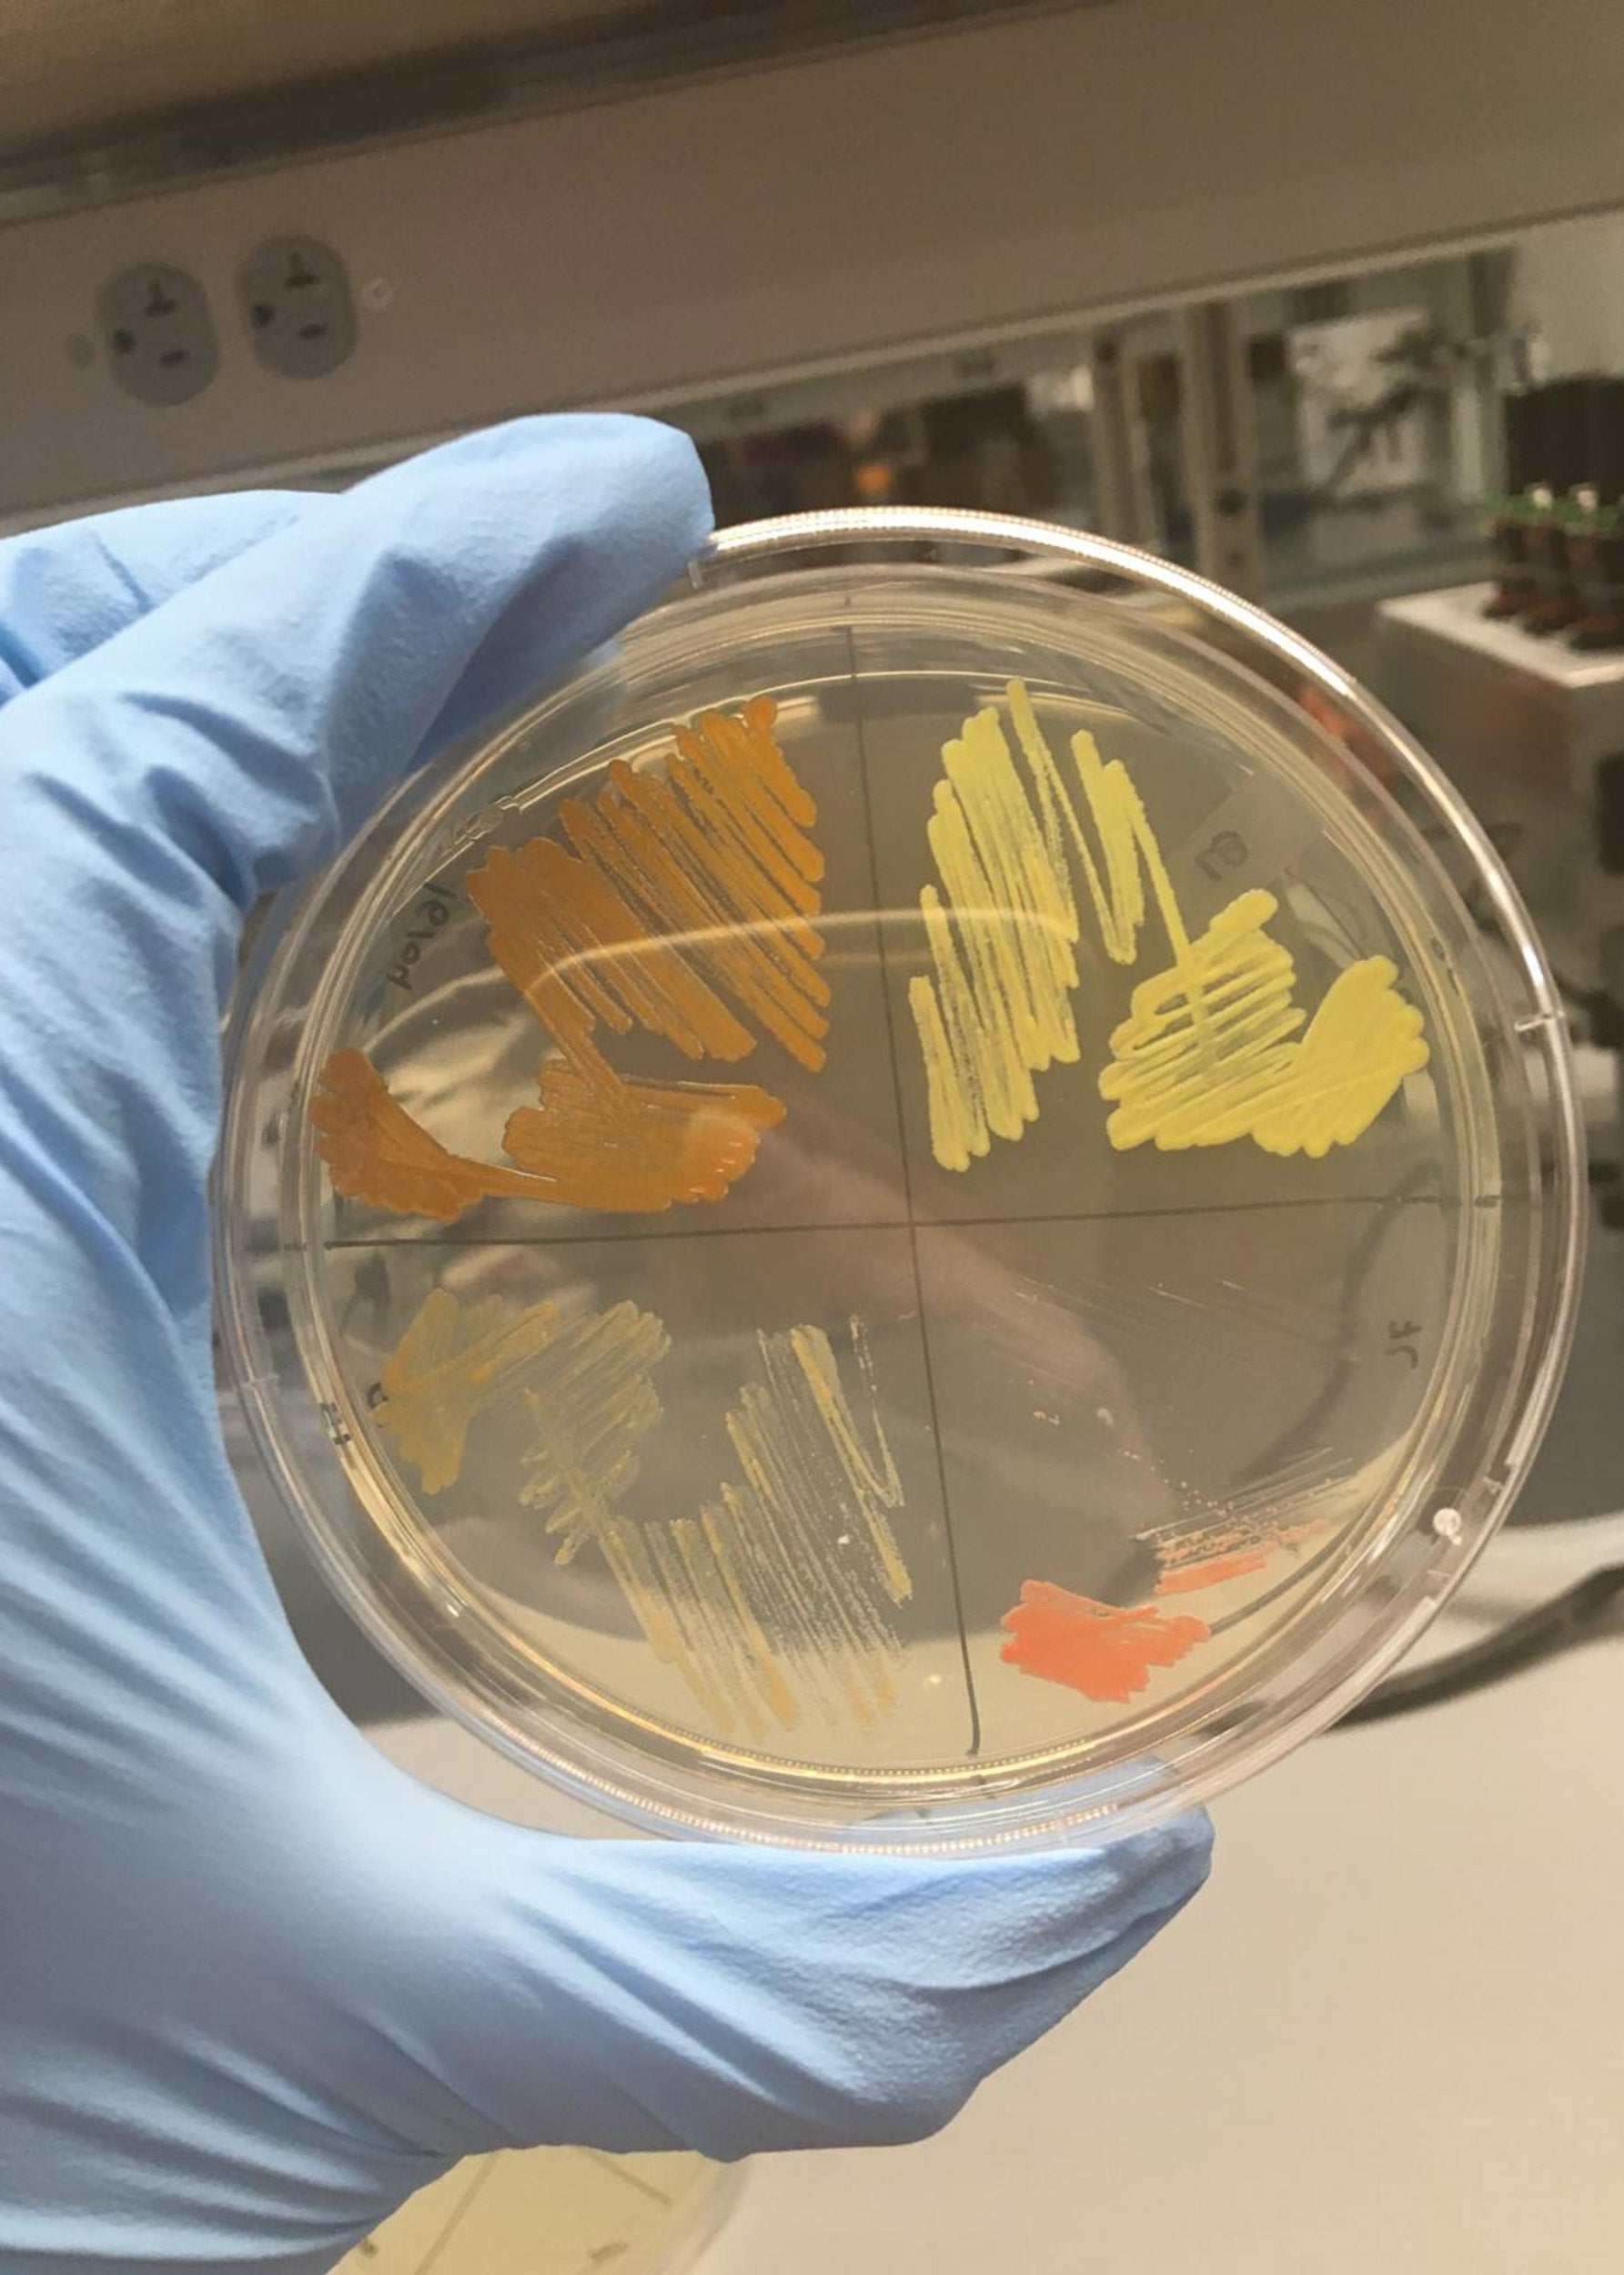 Samples of bacteria.